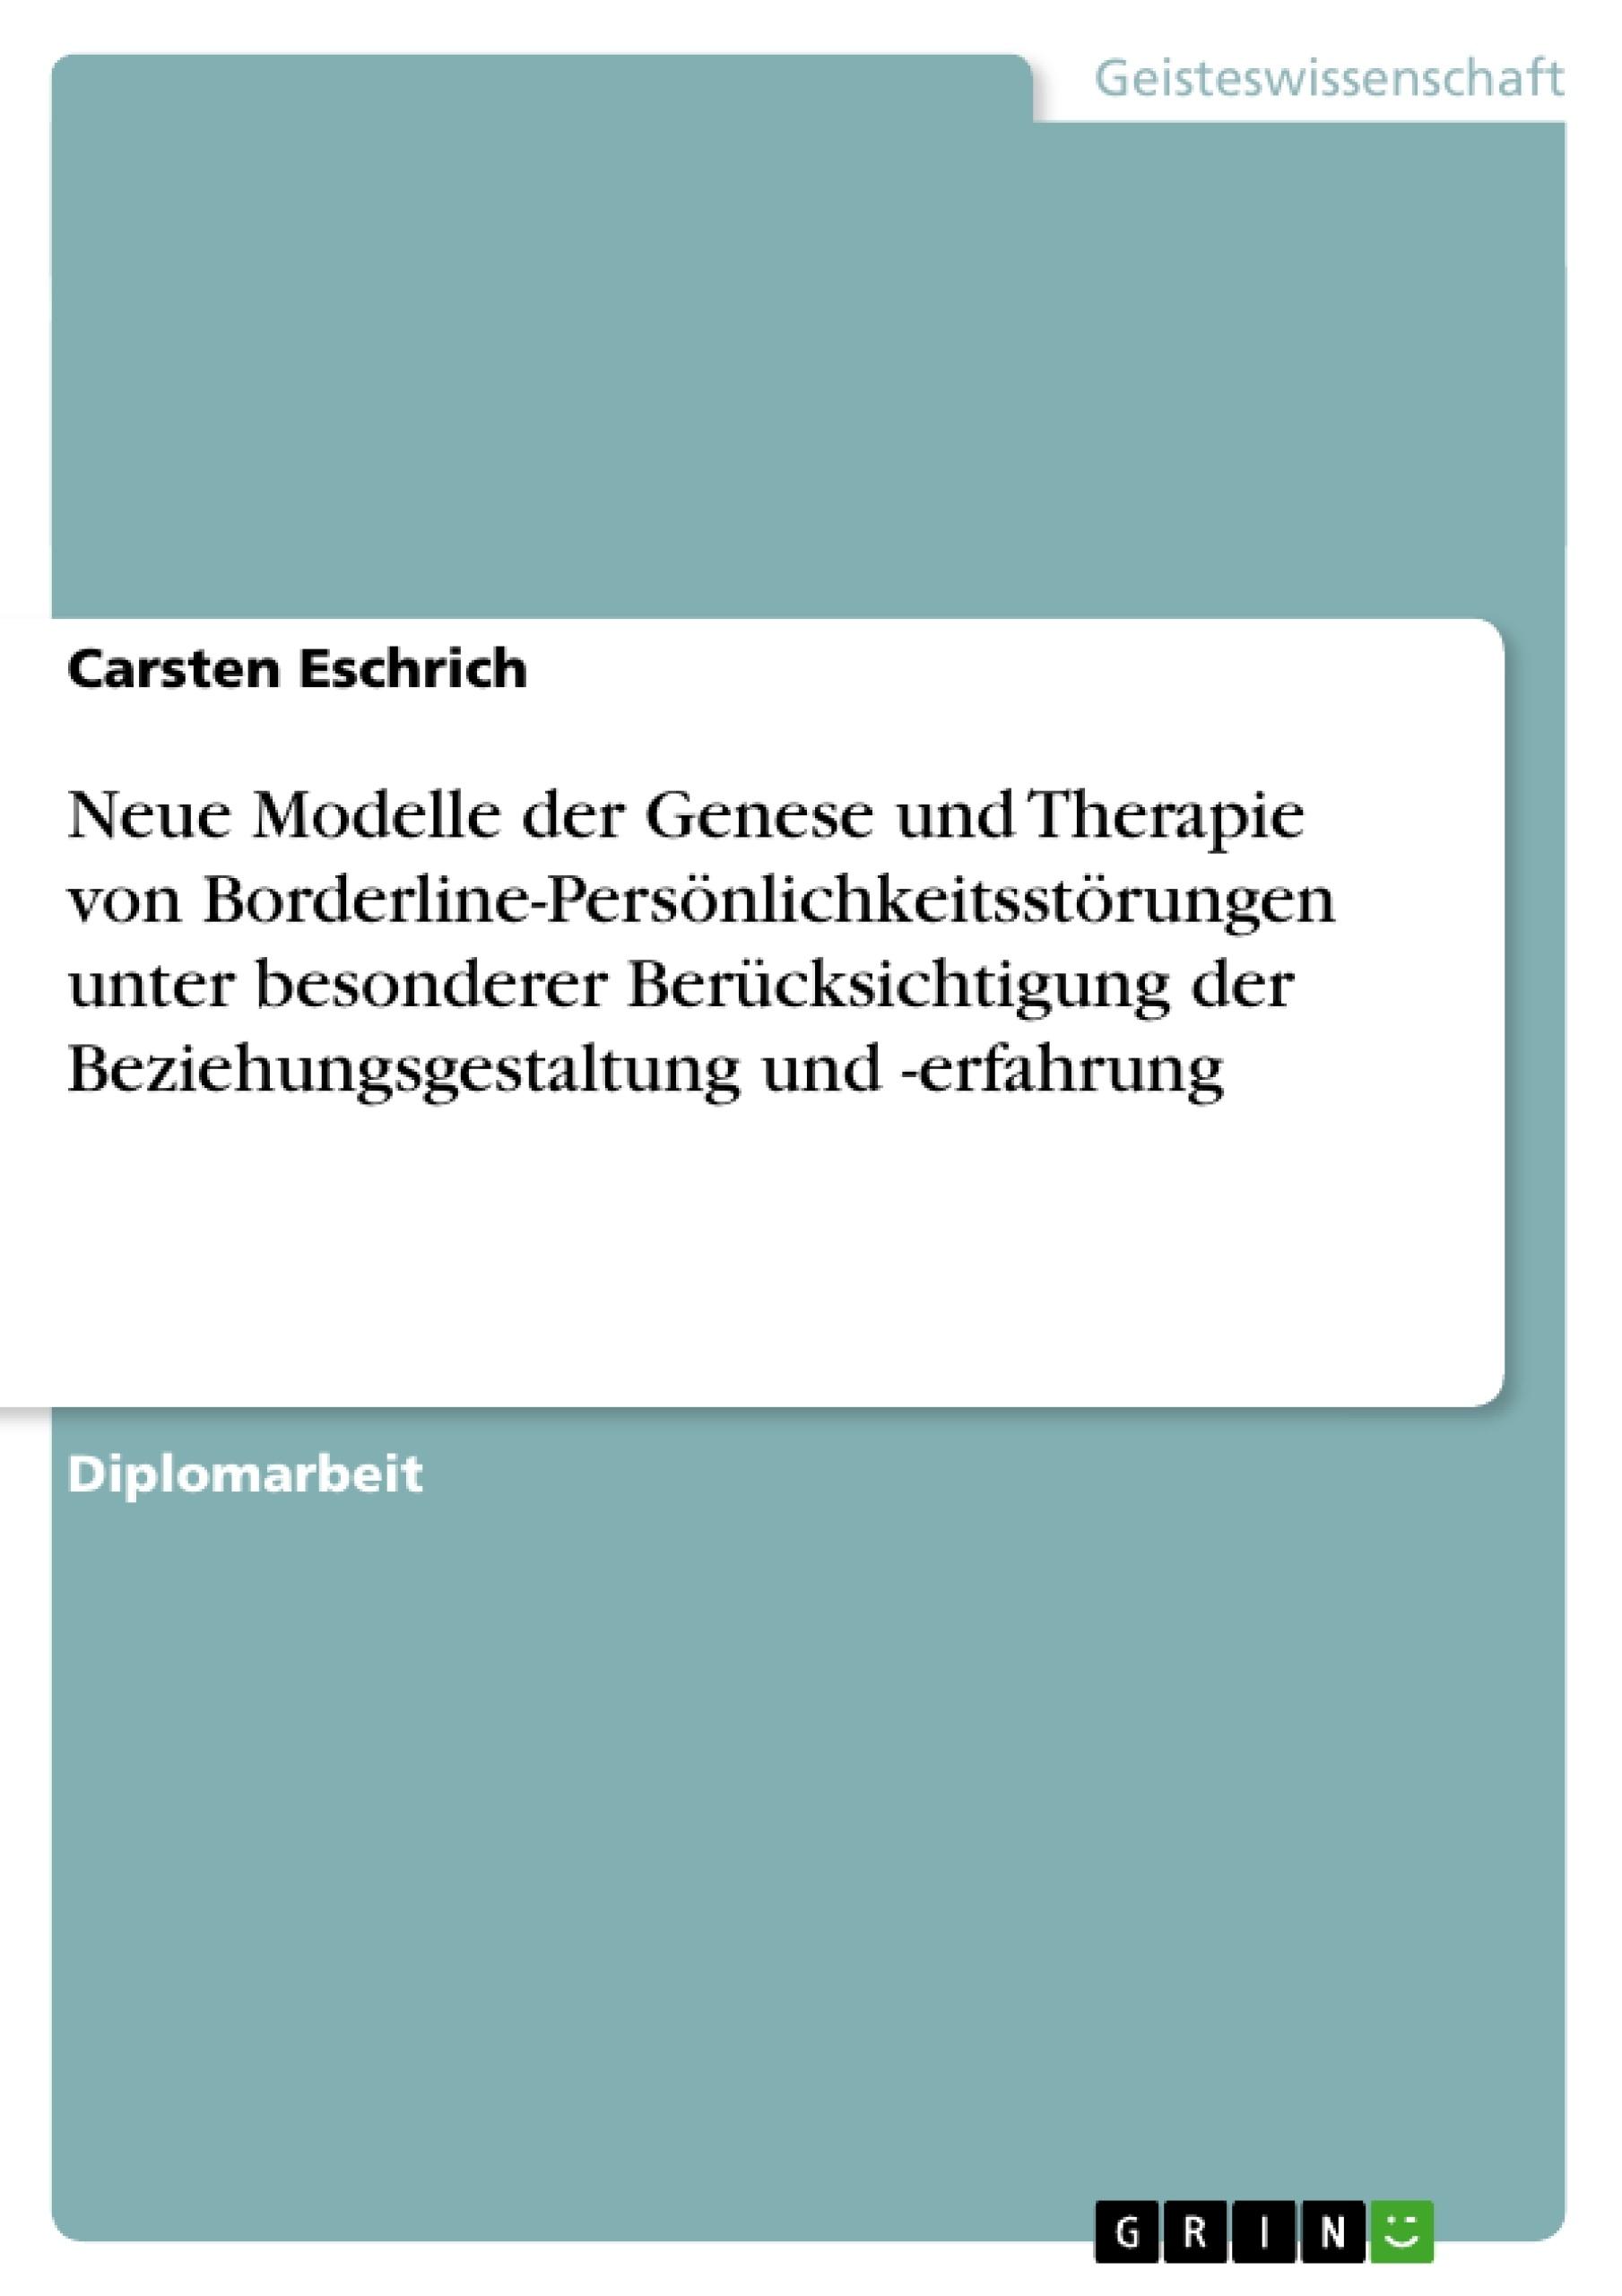 Titel: Neue Modelle der Genese und Therapie von Borderline-Persönlichkeitsstörungen unter besonderer Berücksichtigung der Beziehungsgestaltung und -erfahrung